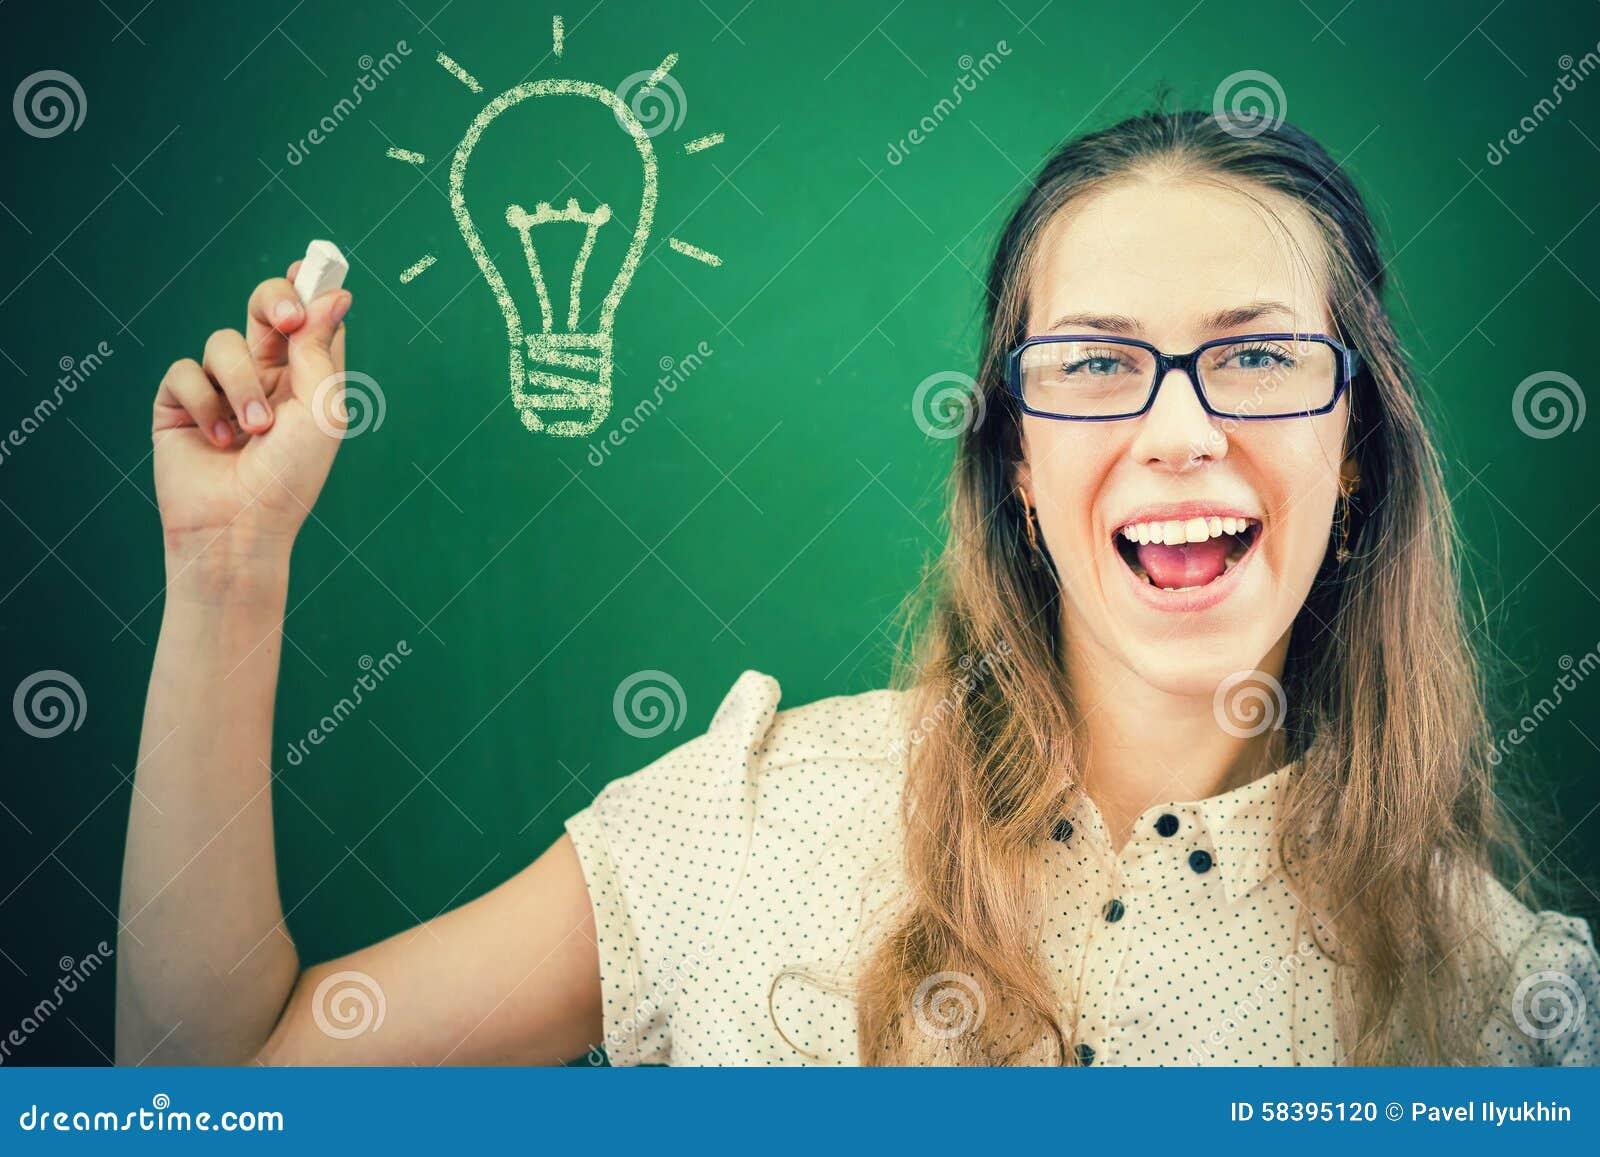 Pretty and creativity teacher or student has good idea!